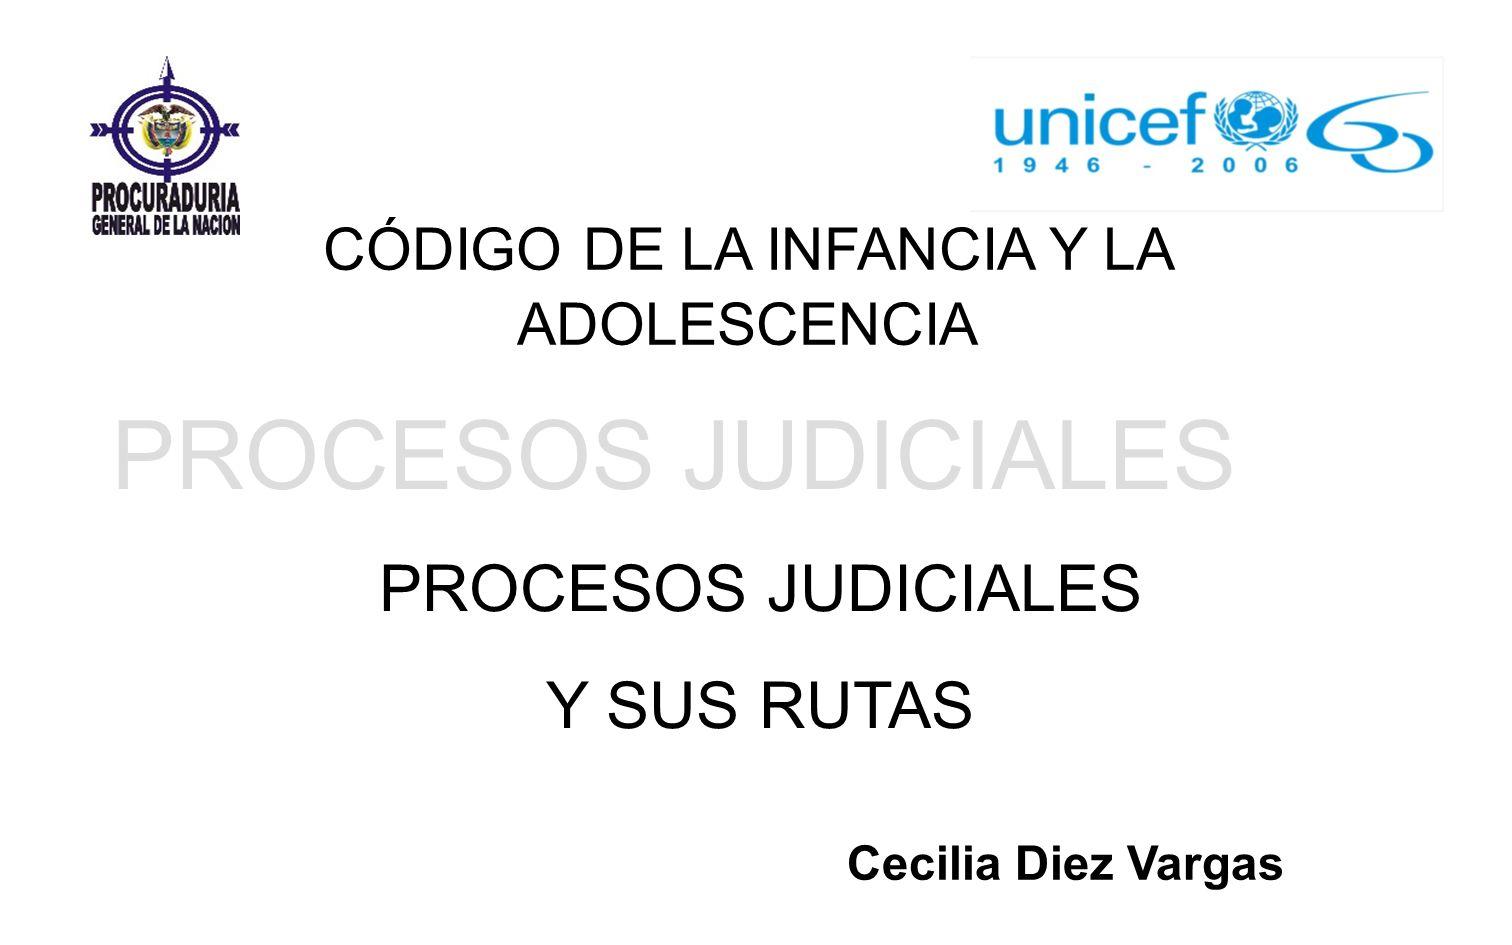 PROCESOS JUDICIALES Y SUS RUTAS CÓDIGO DE LA INFANCIA Y LA ADOLESCENCIA Cecilia Diez Vargas